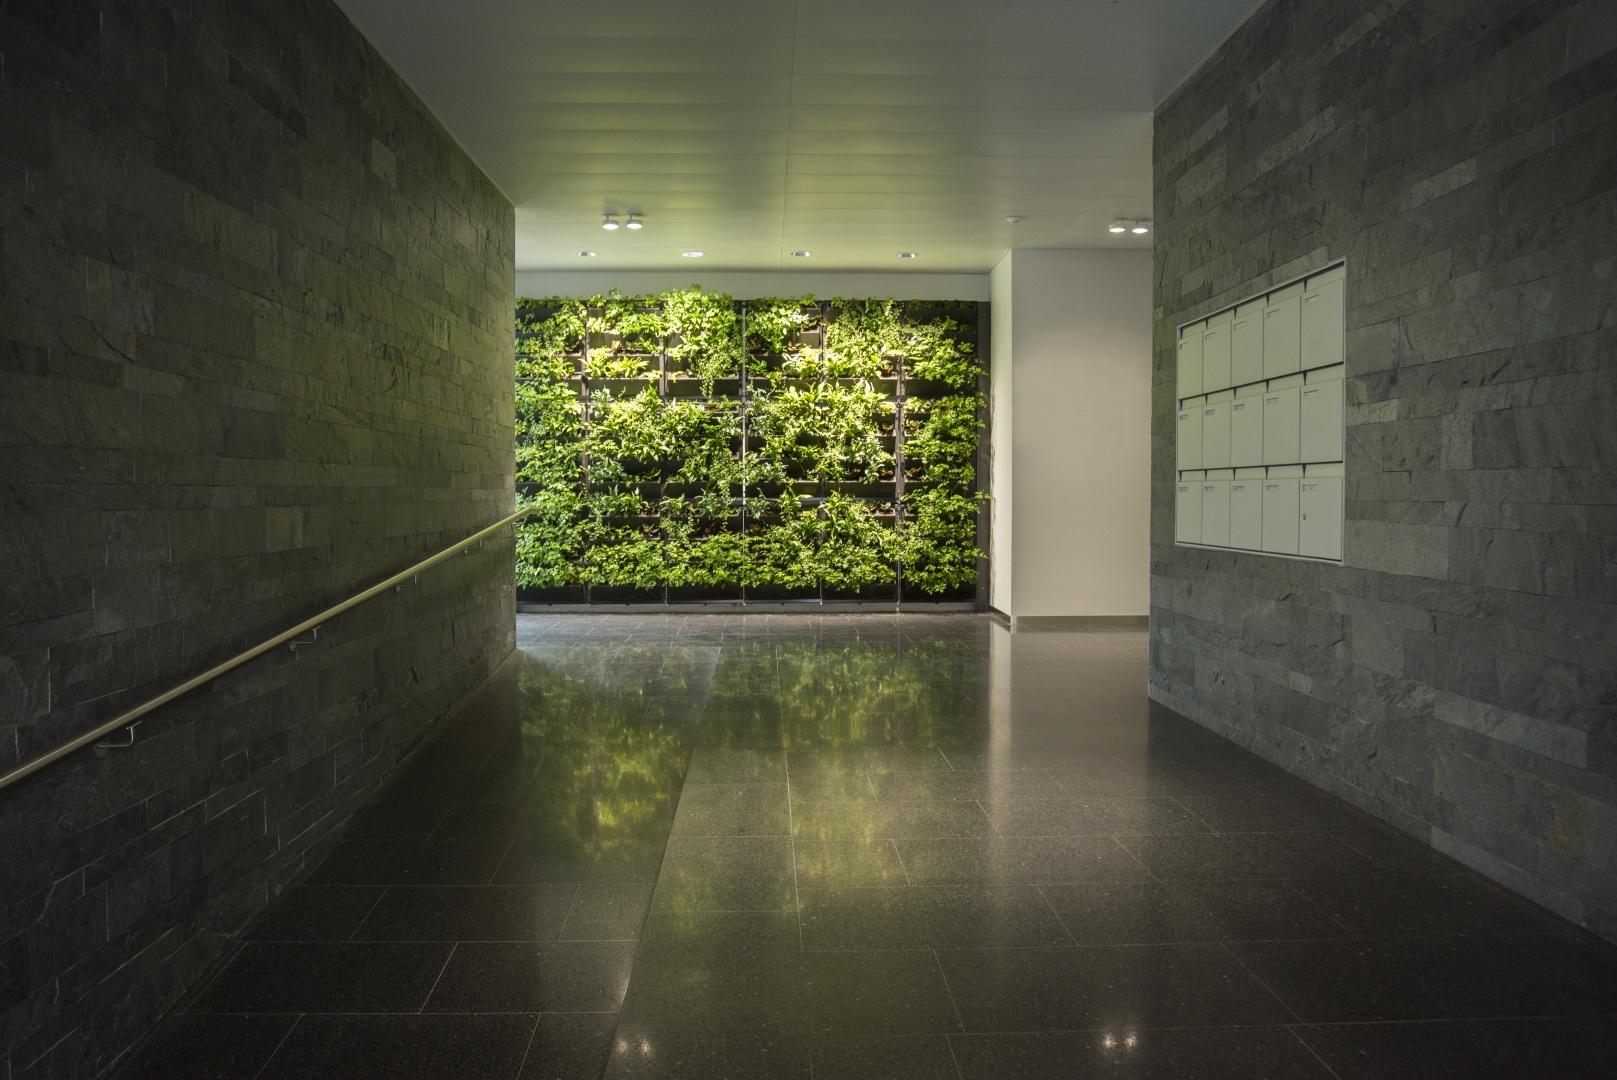 Mur végétalisé entrée Grancy 39 © Philippe Pache Photographe